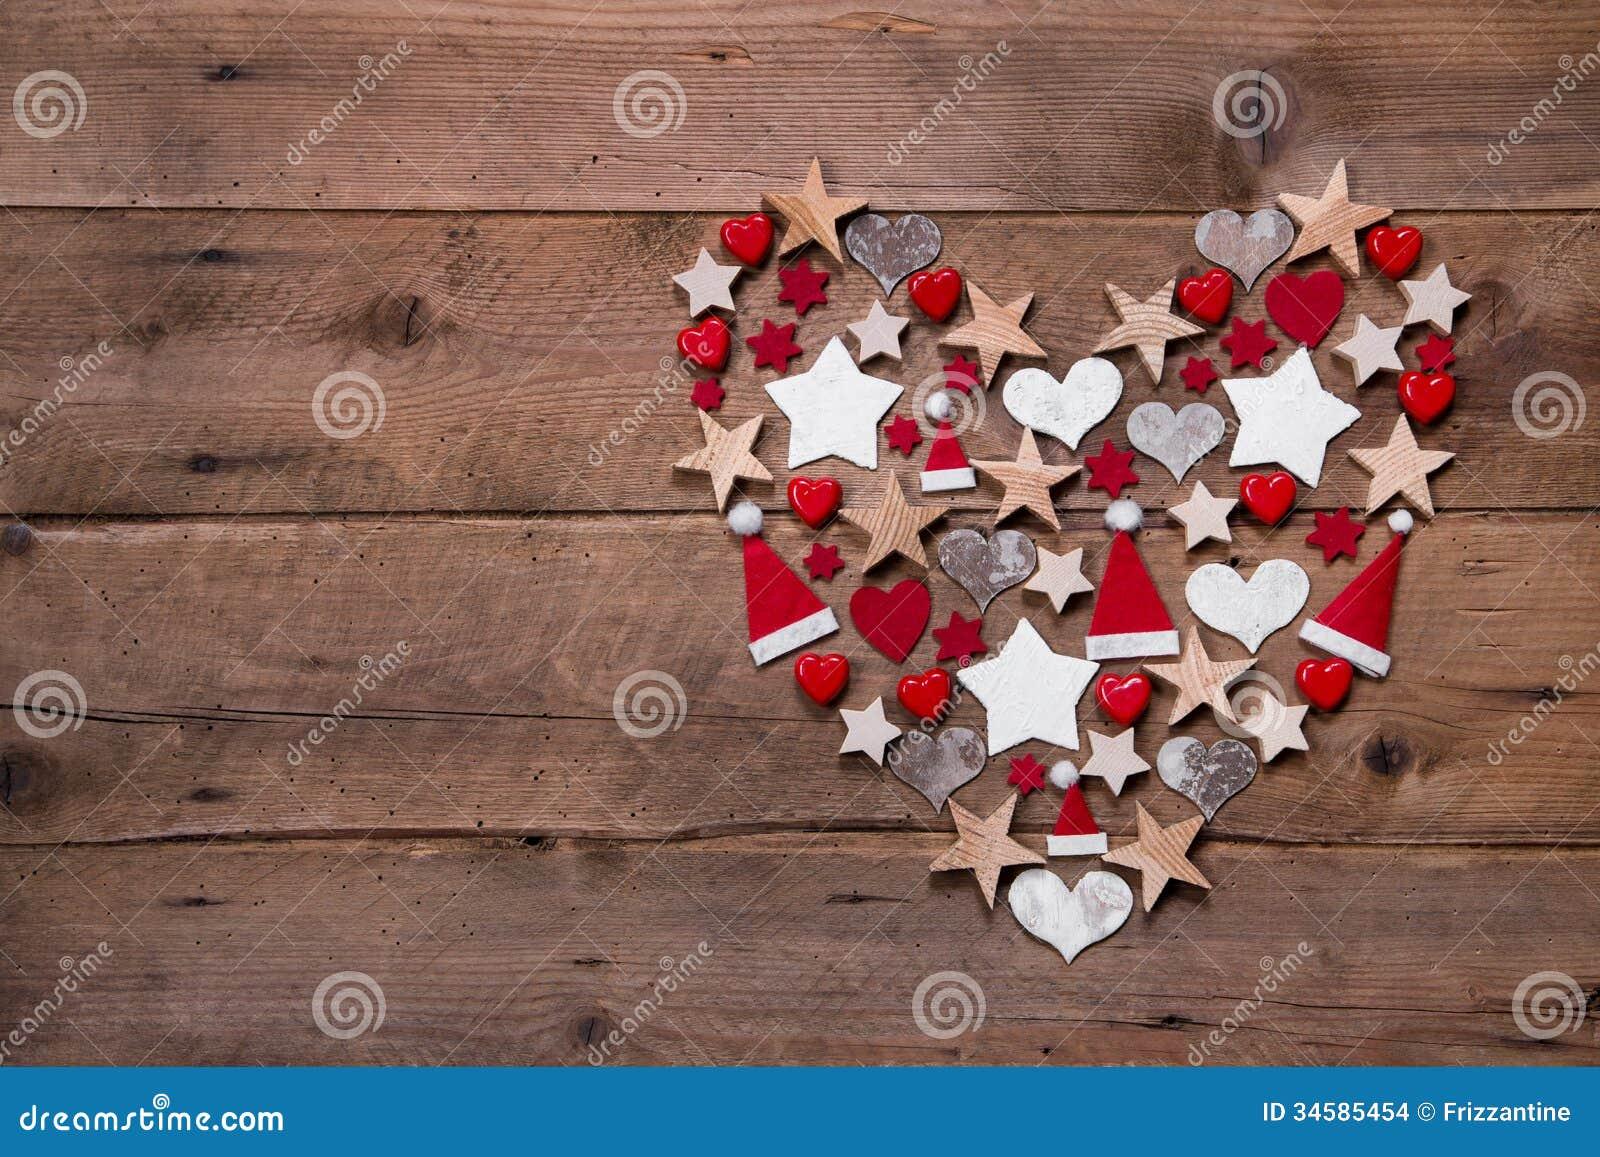 Coeur de no l sur un fond en bois d coration en rouge et for Comdecoration de noel rouge et blanc